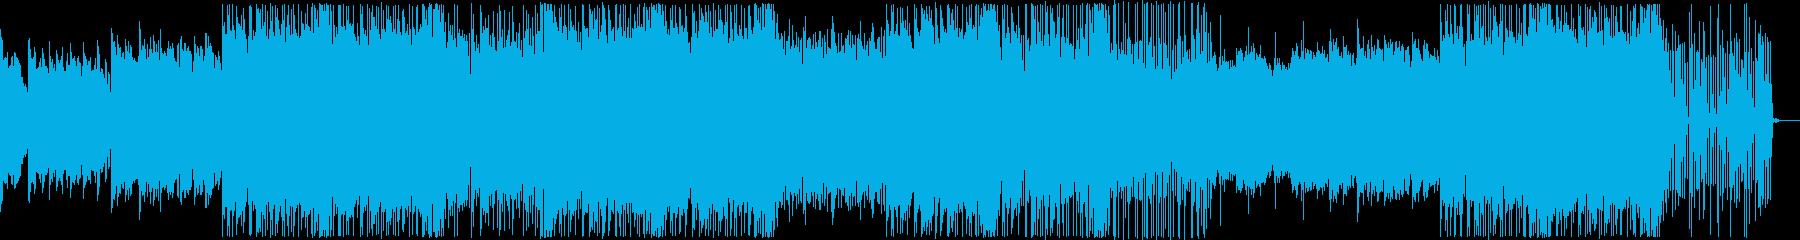 物悲しいCHILL系HIPHOPの再生済みの波形